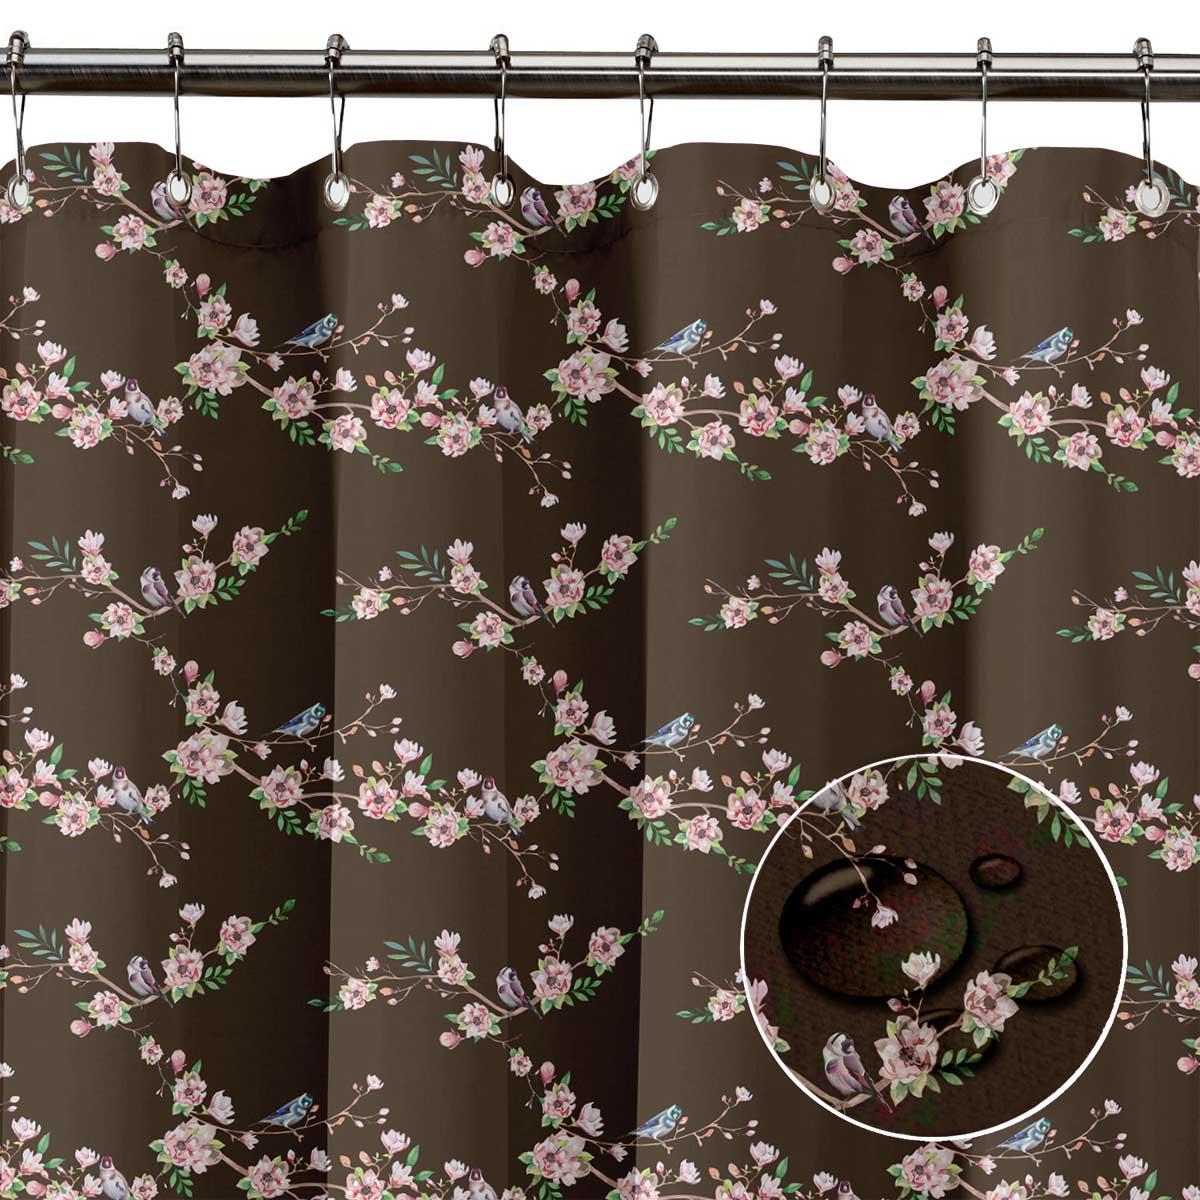 miniature 13 - S4Sassy Noir fleur et chardonneret oiseau rideaux de douche imprim?s-JpP